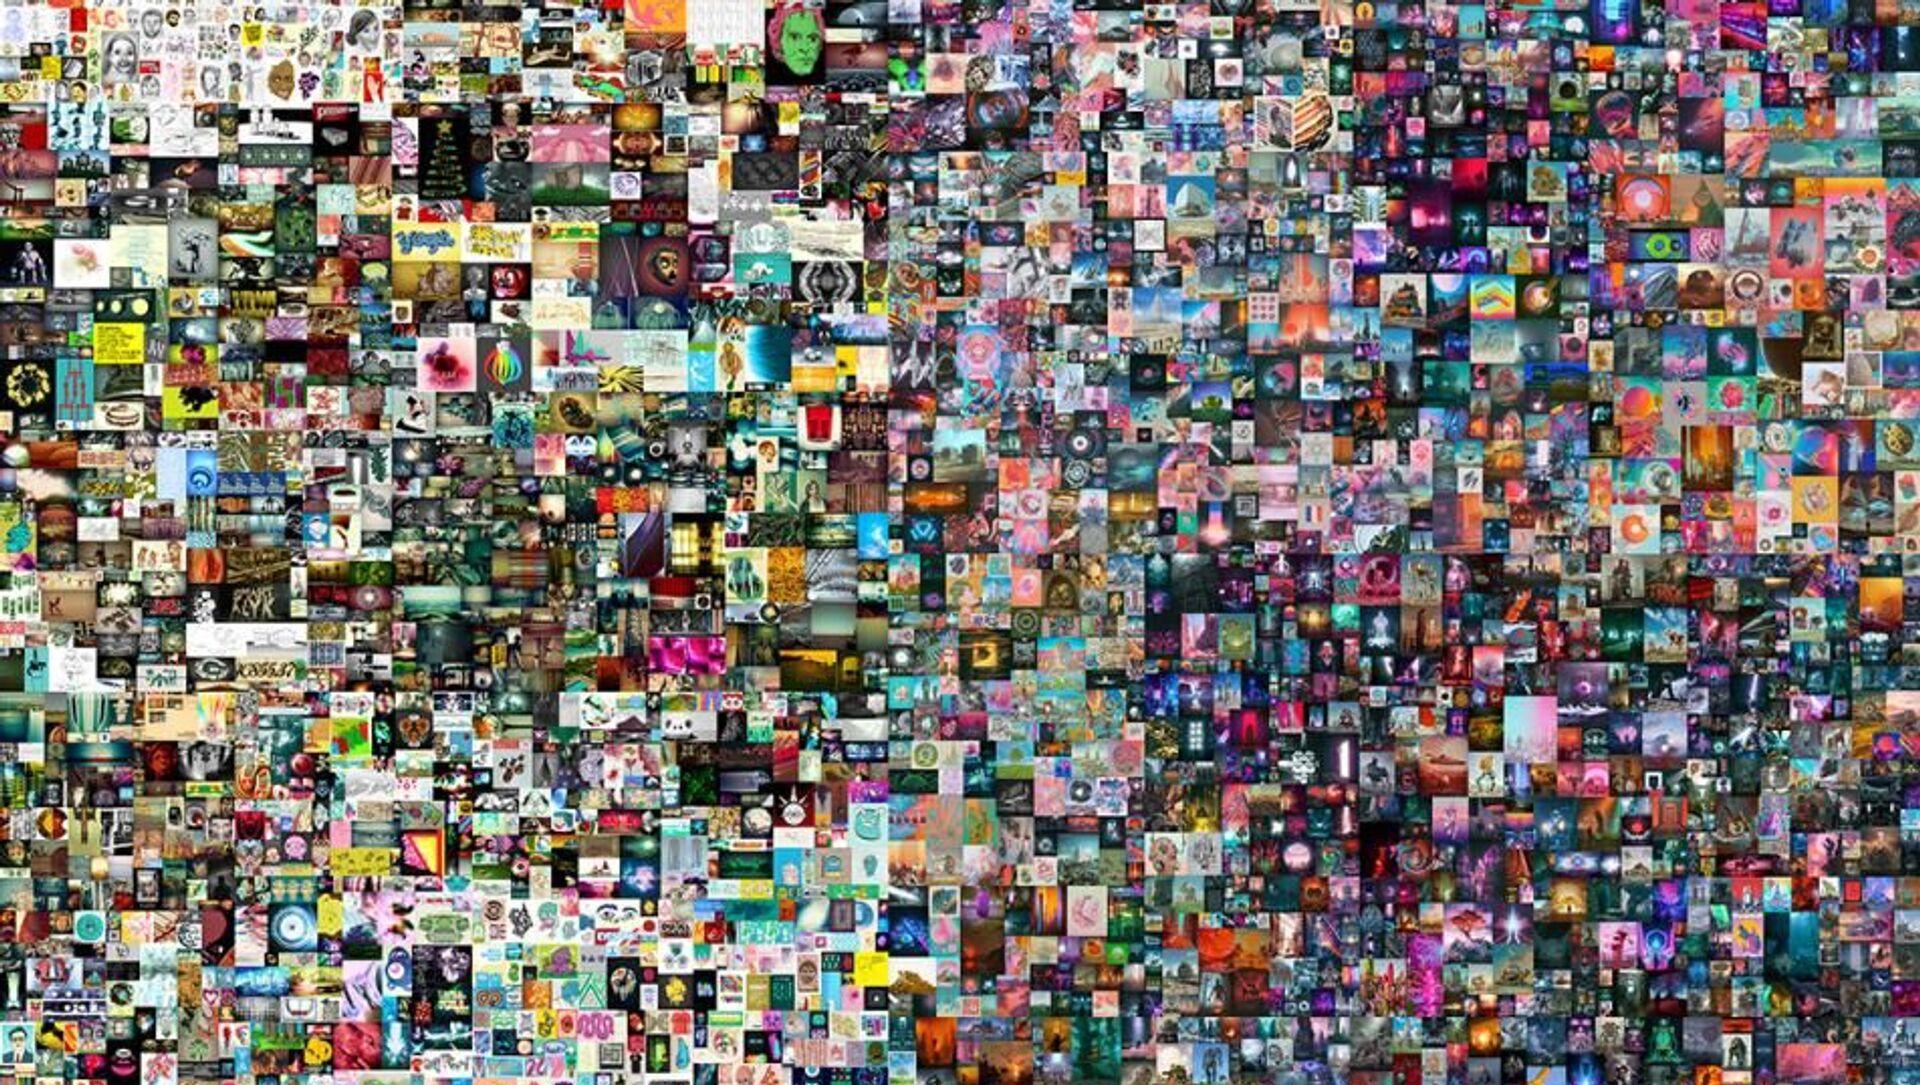 Dijital eserin jpg dosyası 69 milyon dolara satıldı - Sputnik Türkiye, 1920, 02.04.2021